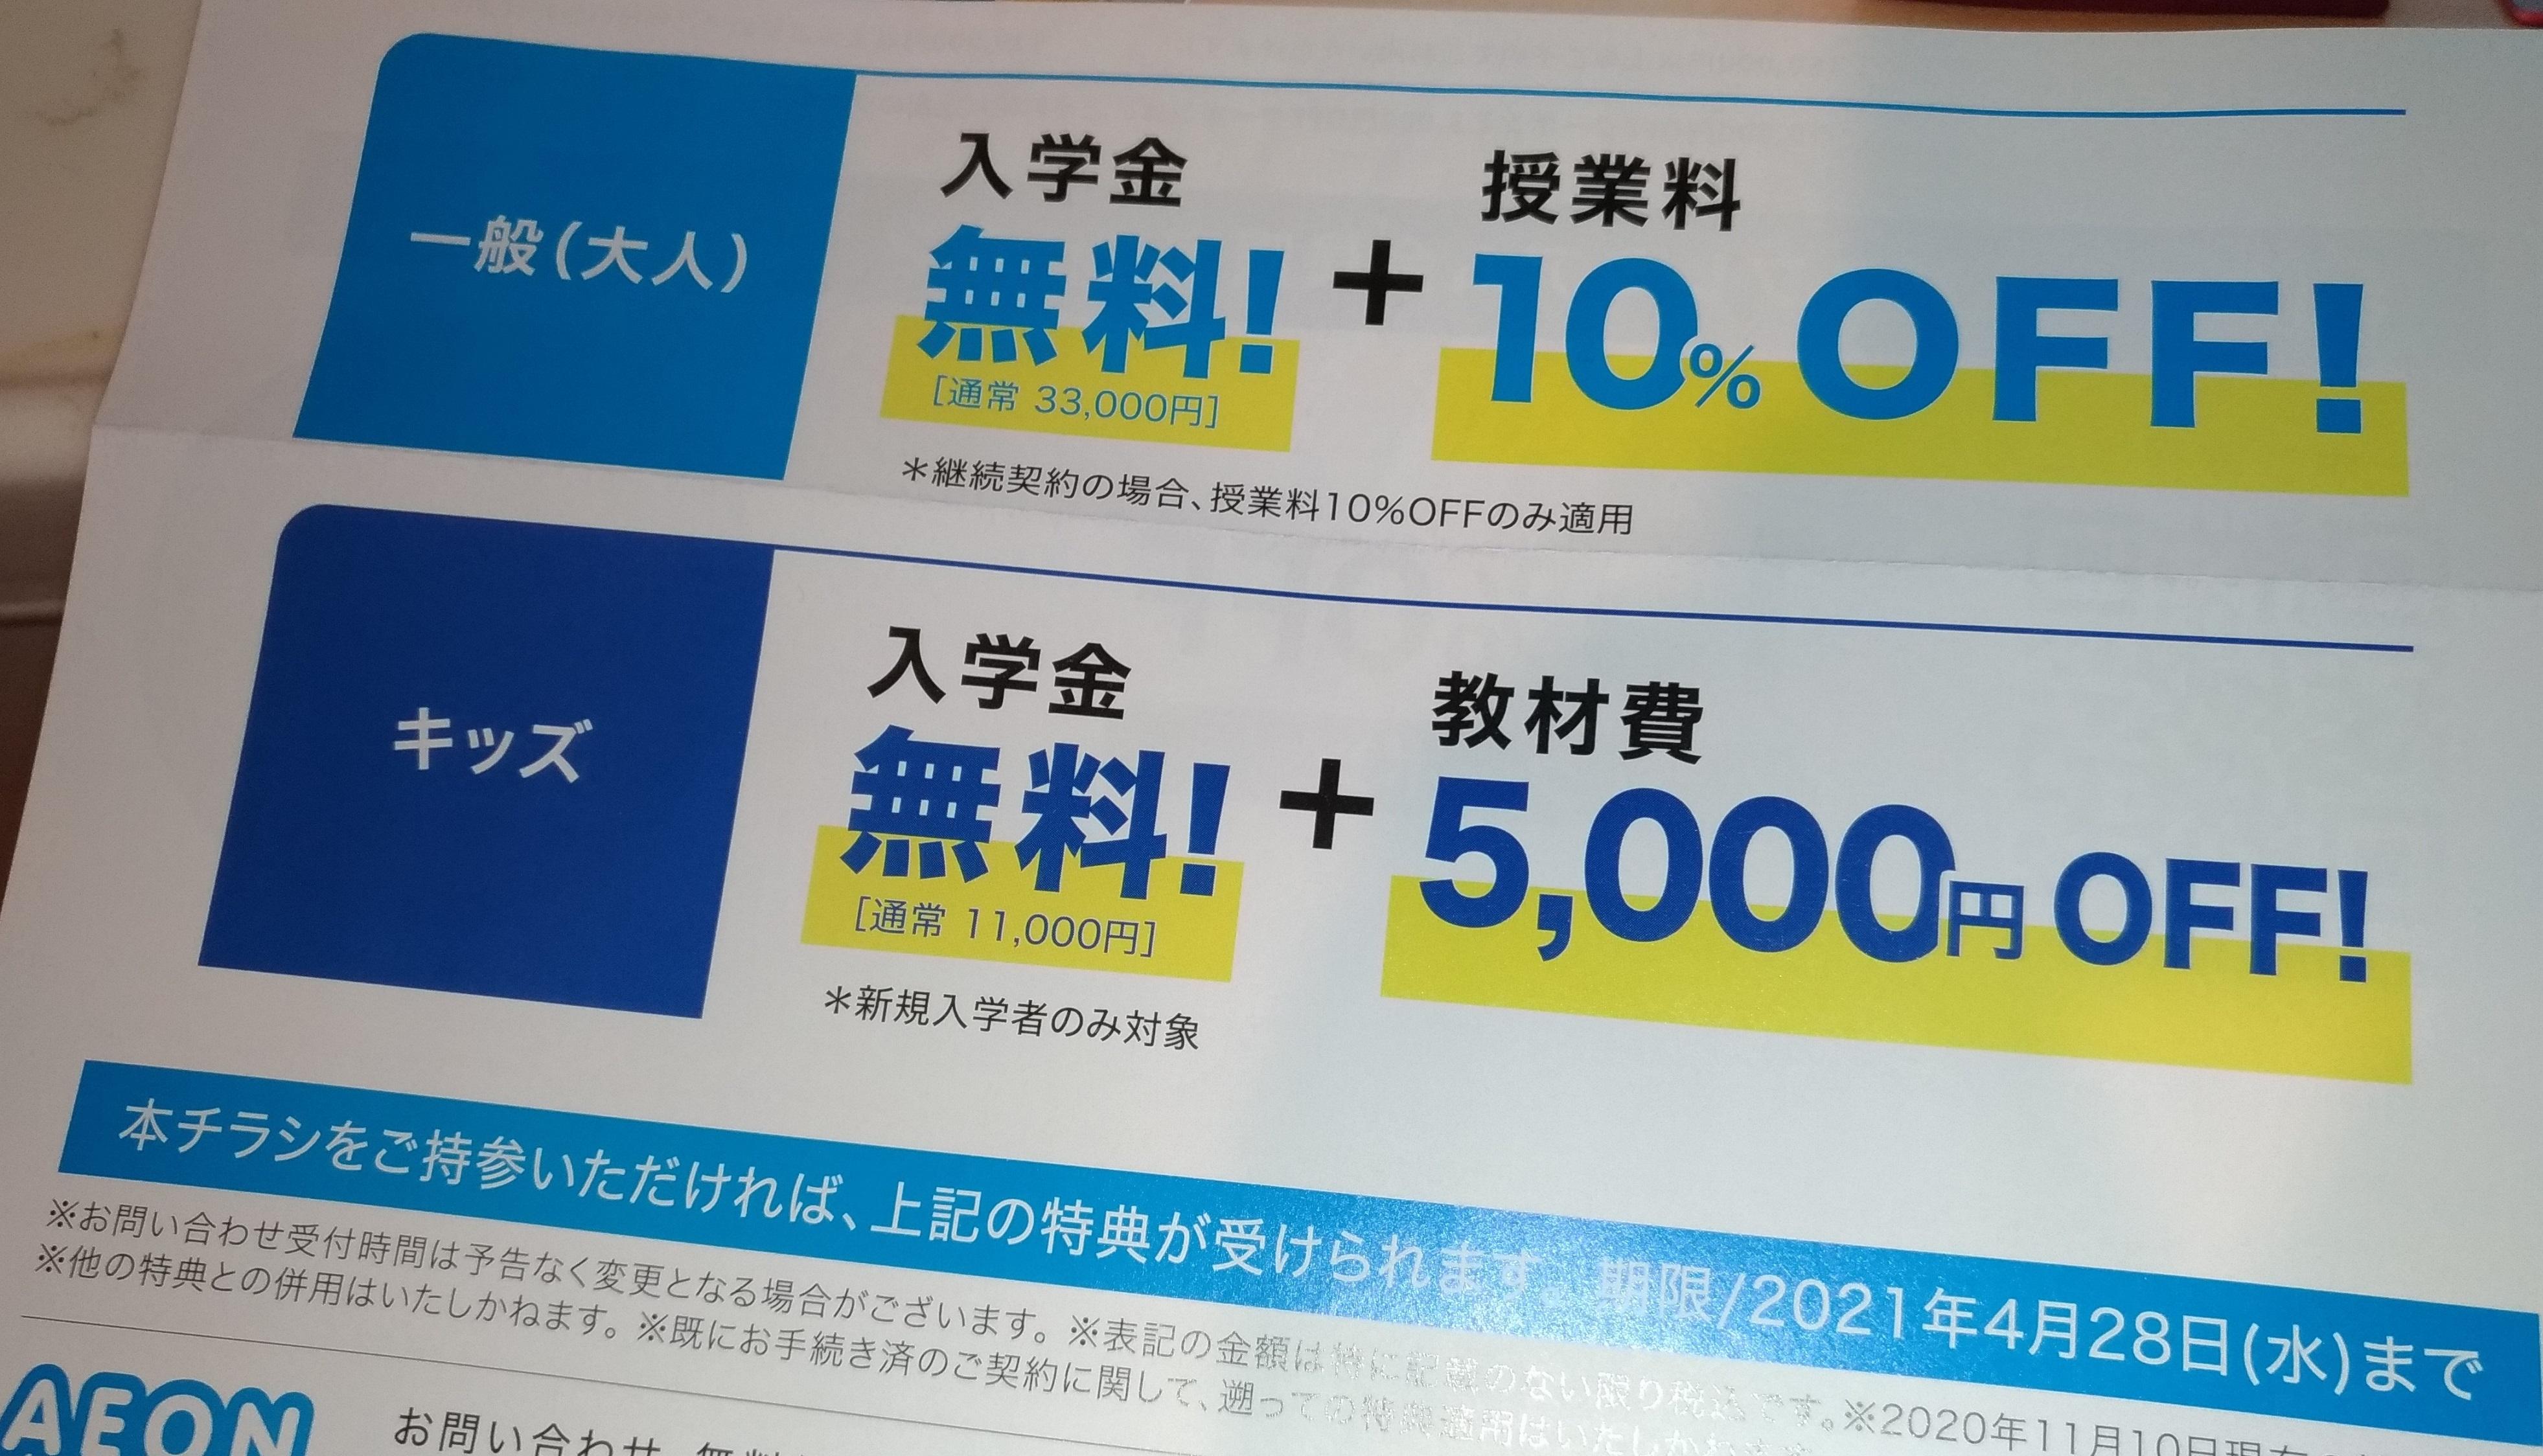 kabu_kddi_au_haito_blogs1203_6.jpg